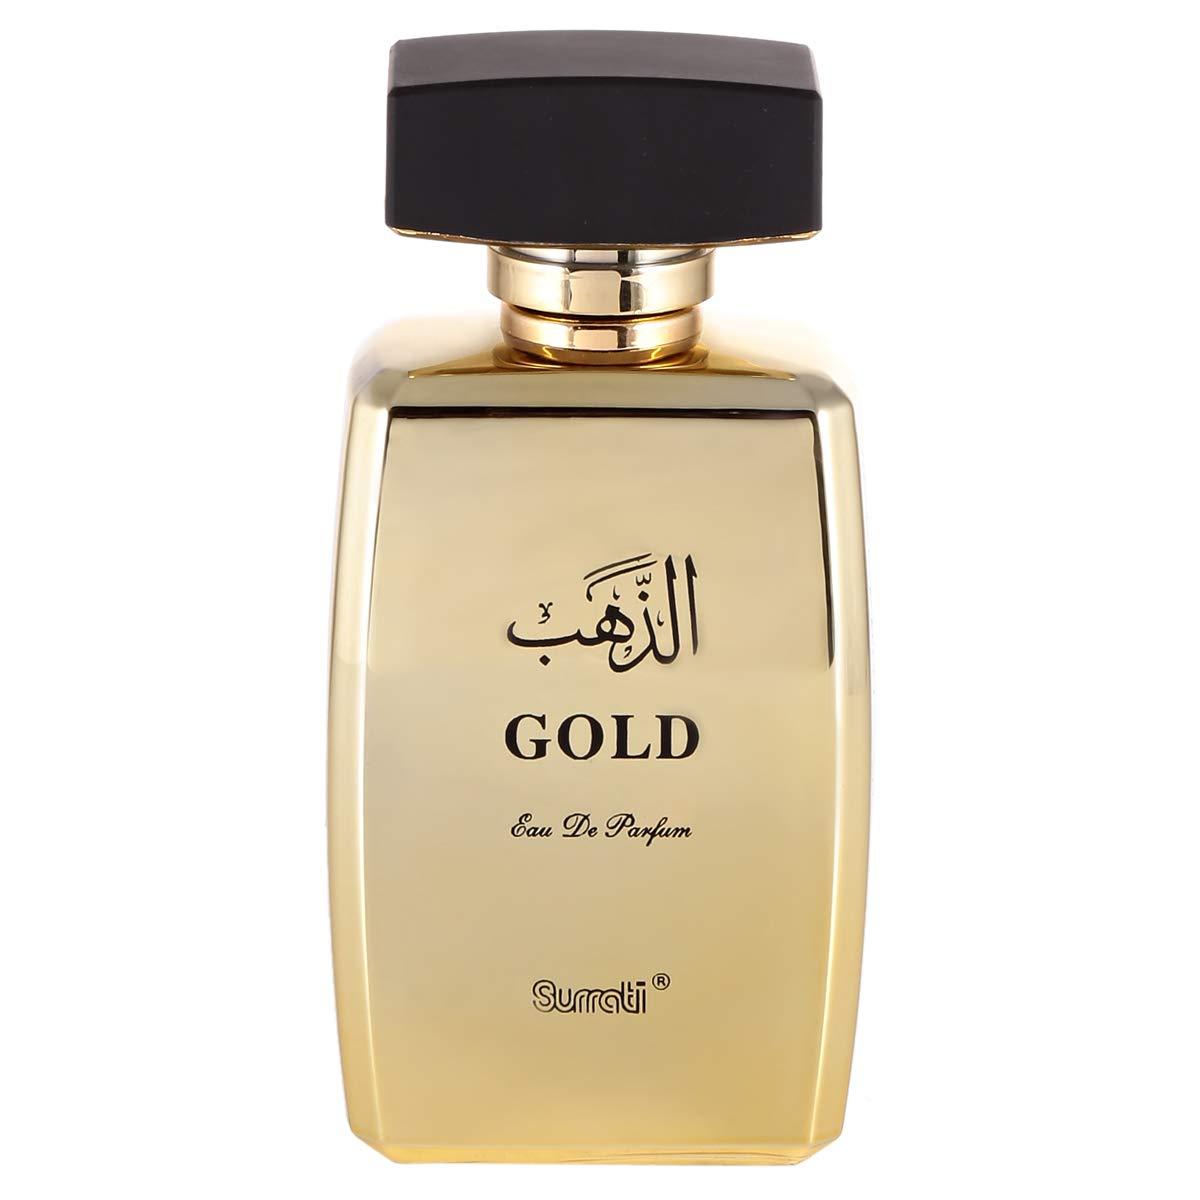 daf949d83 Gold by Surrati for Women - Eau de Parfum, 100ml: Amazon.ae: Surrati  Perfumes Est.